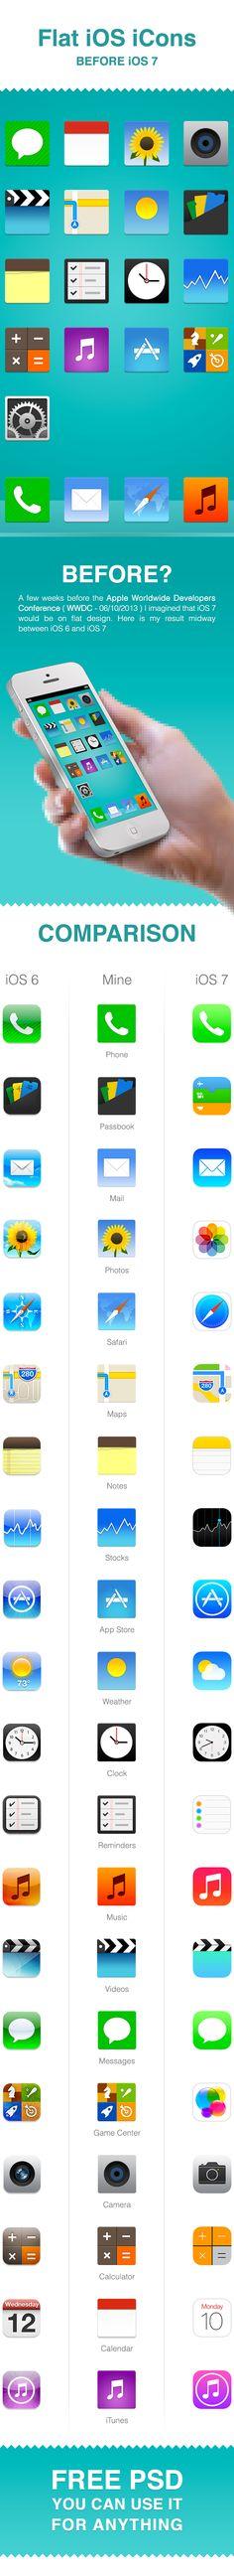 Flat iOS iCons by Giavarini Thomas, via Behance